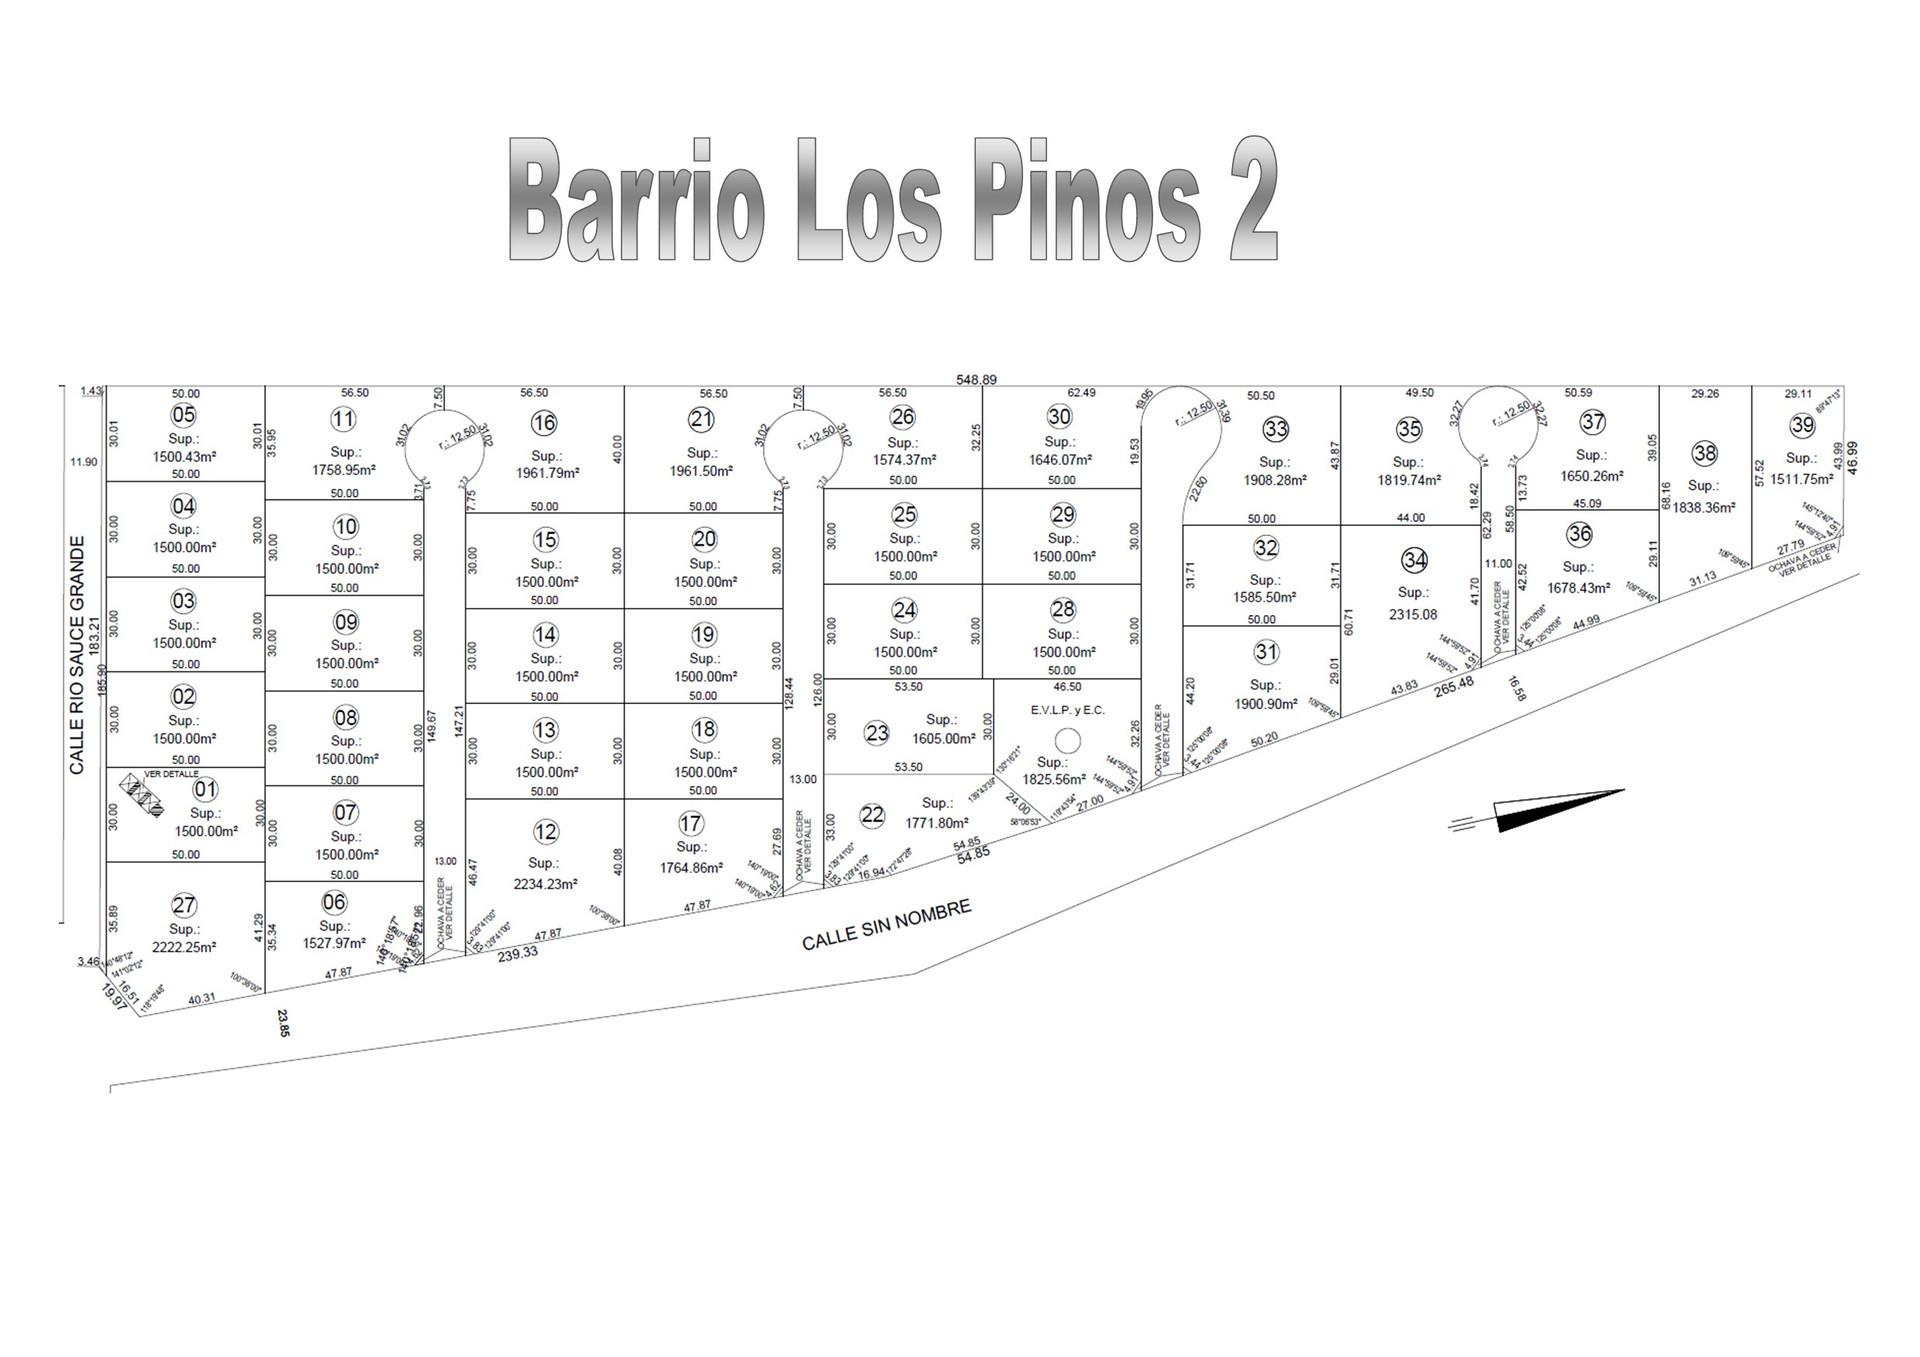 Barrio Los Pinos 2